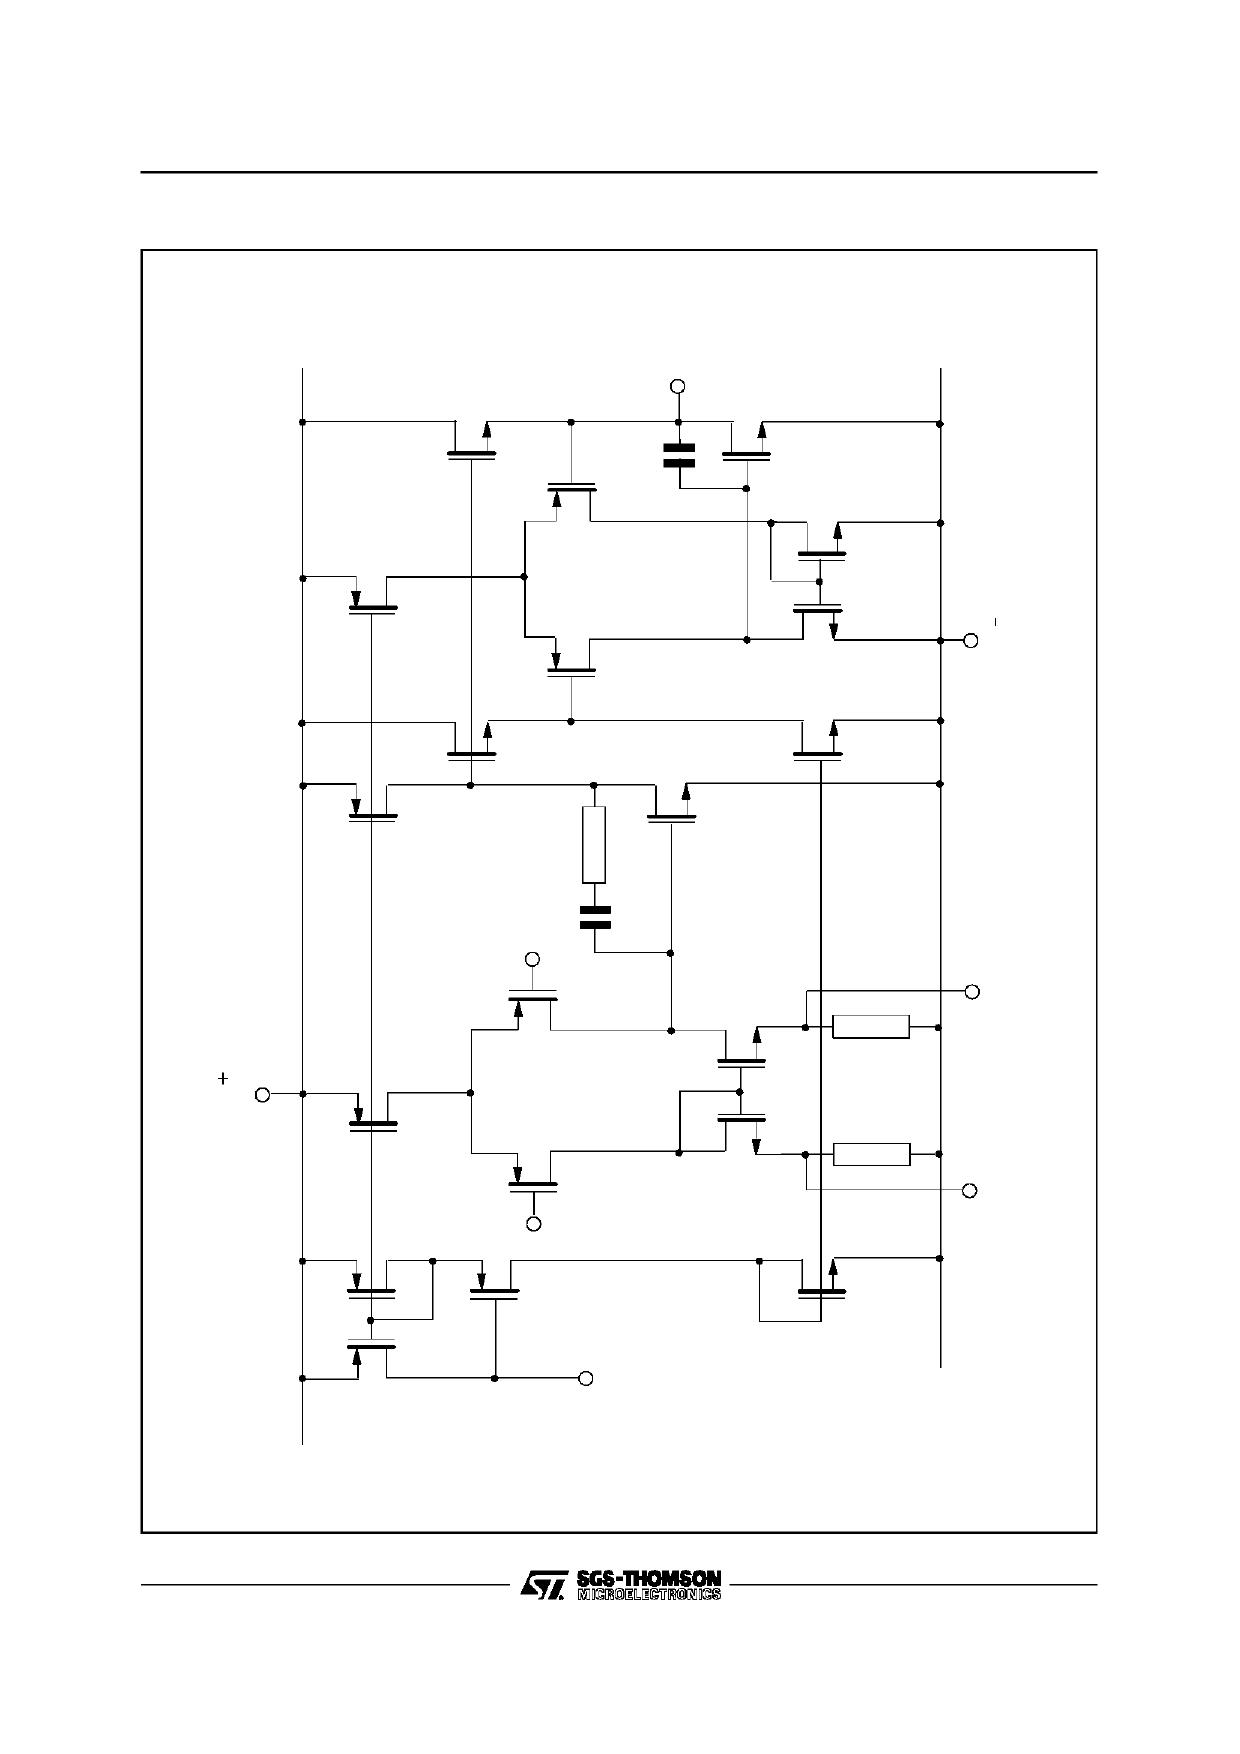 TS271BI pdf, ピン配列